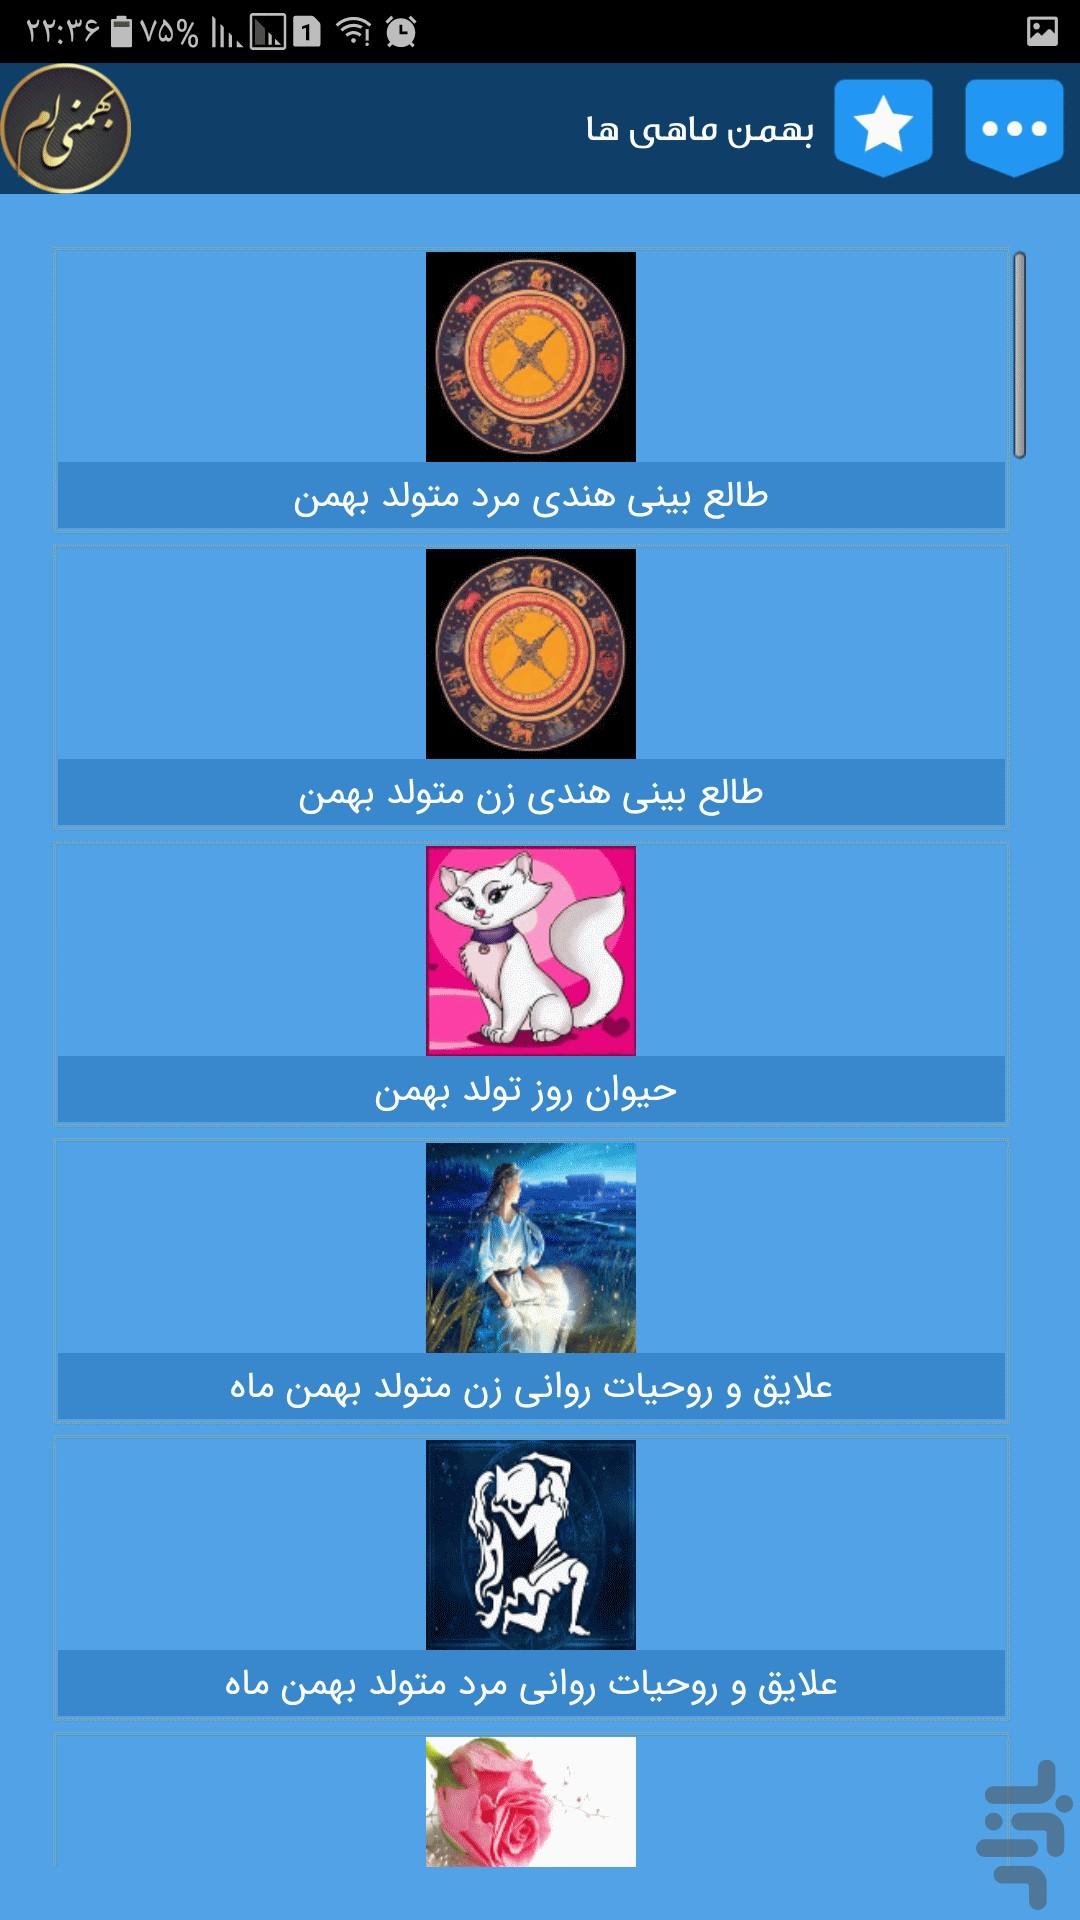 حيوان ماه بهمن چيست